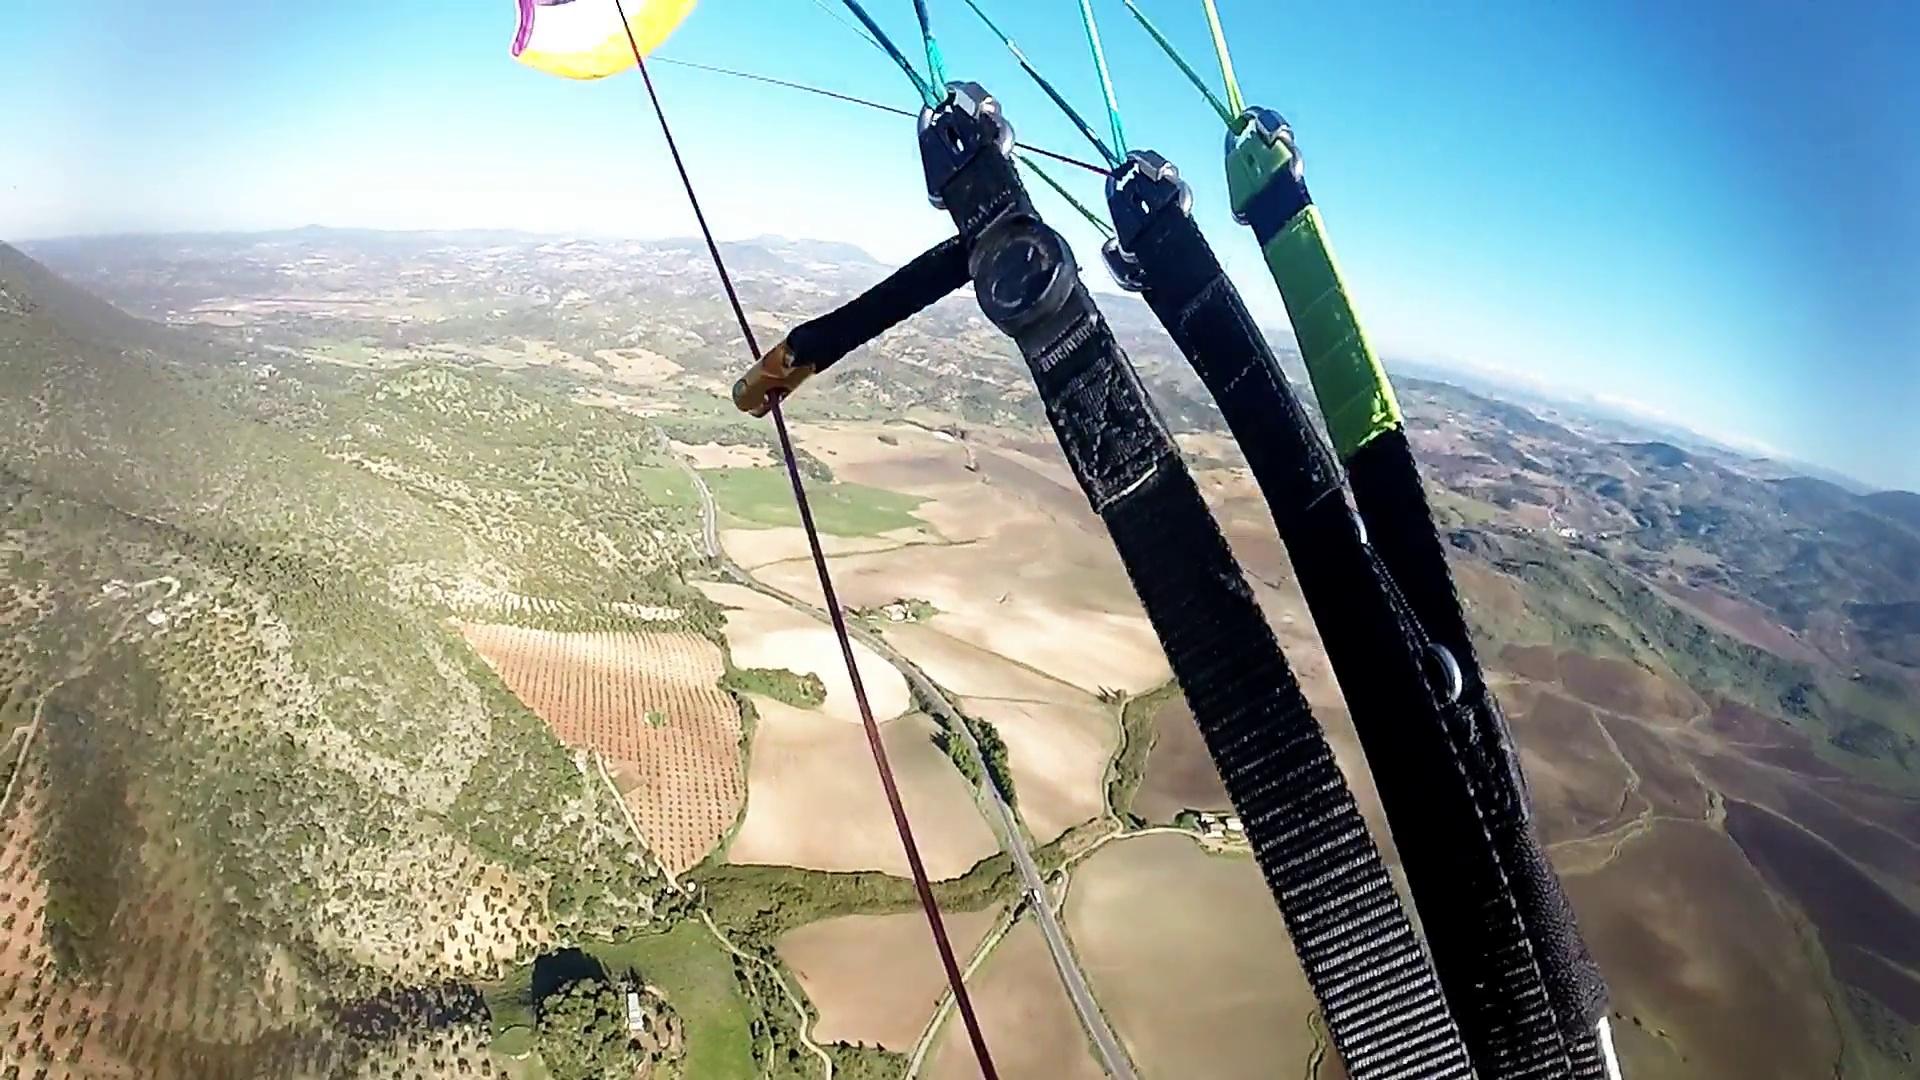 Vol sur le site parapente Algodonales Levante (Espagne)